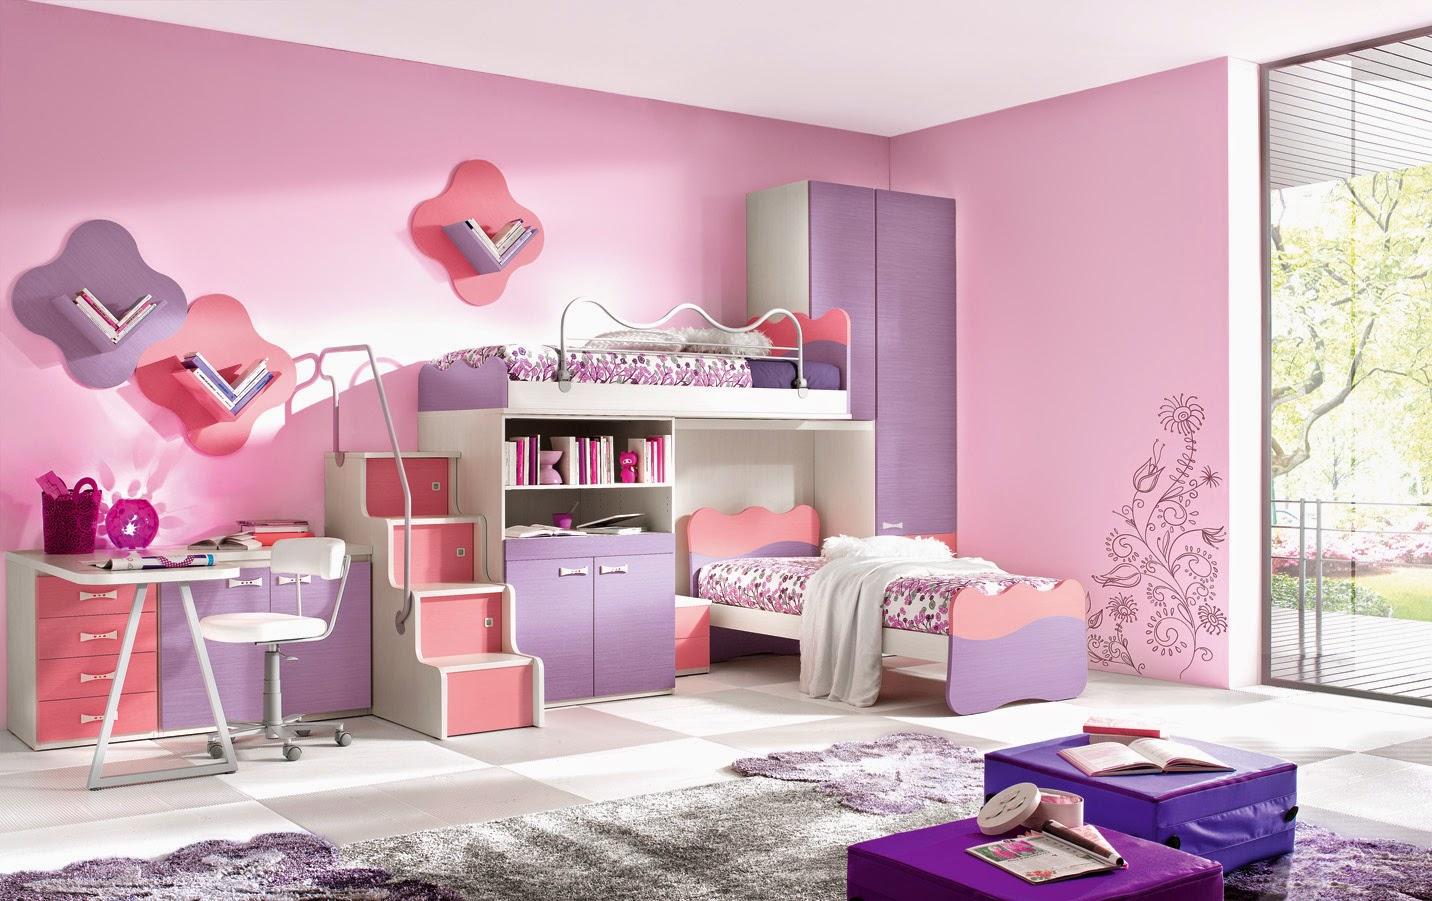 contoh gambar desain kamar anak perempuan lucu